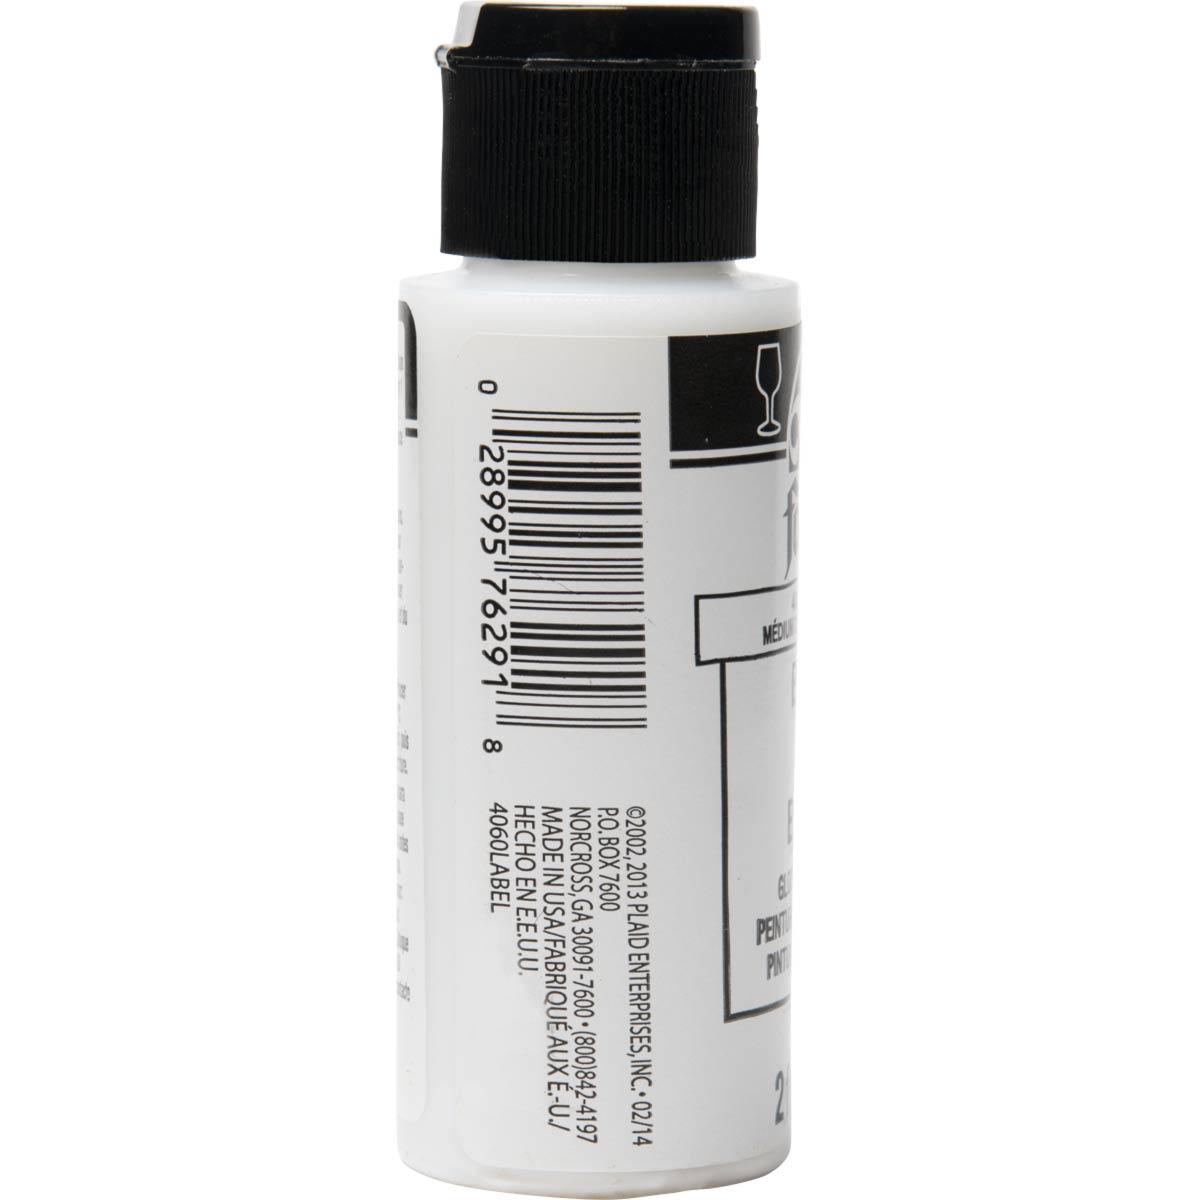 FolkArt ® Enamels™ Mediums - Flow Medium, 2 oz. - 4060